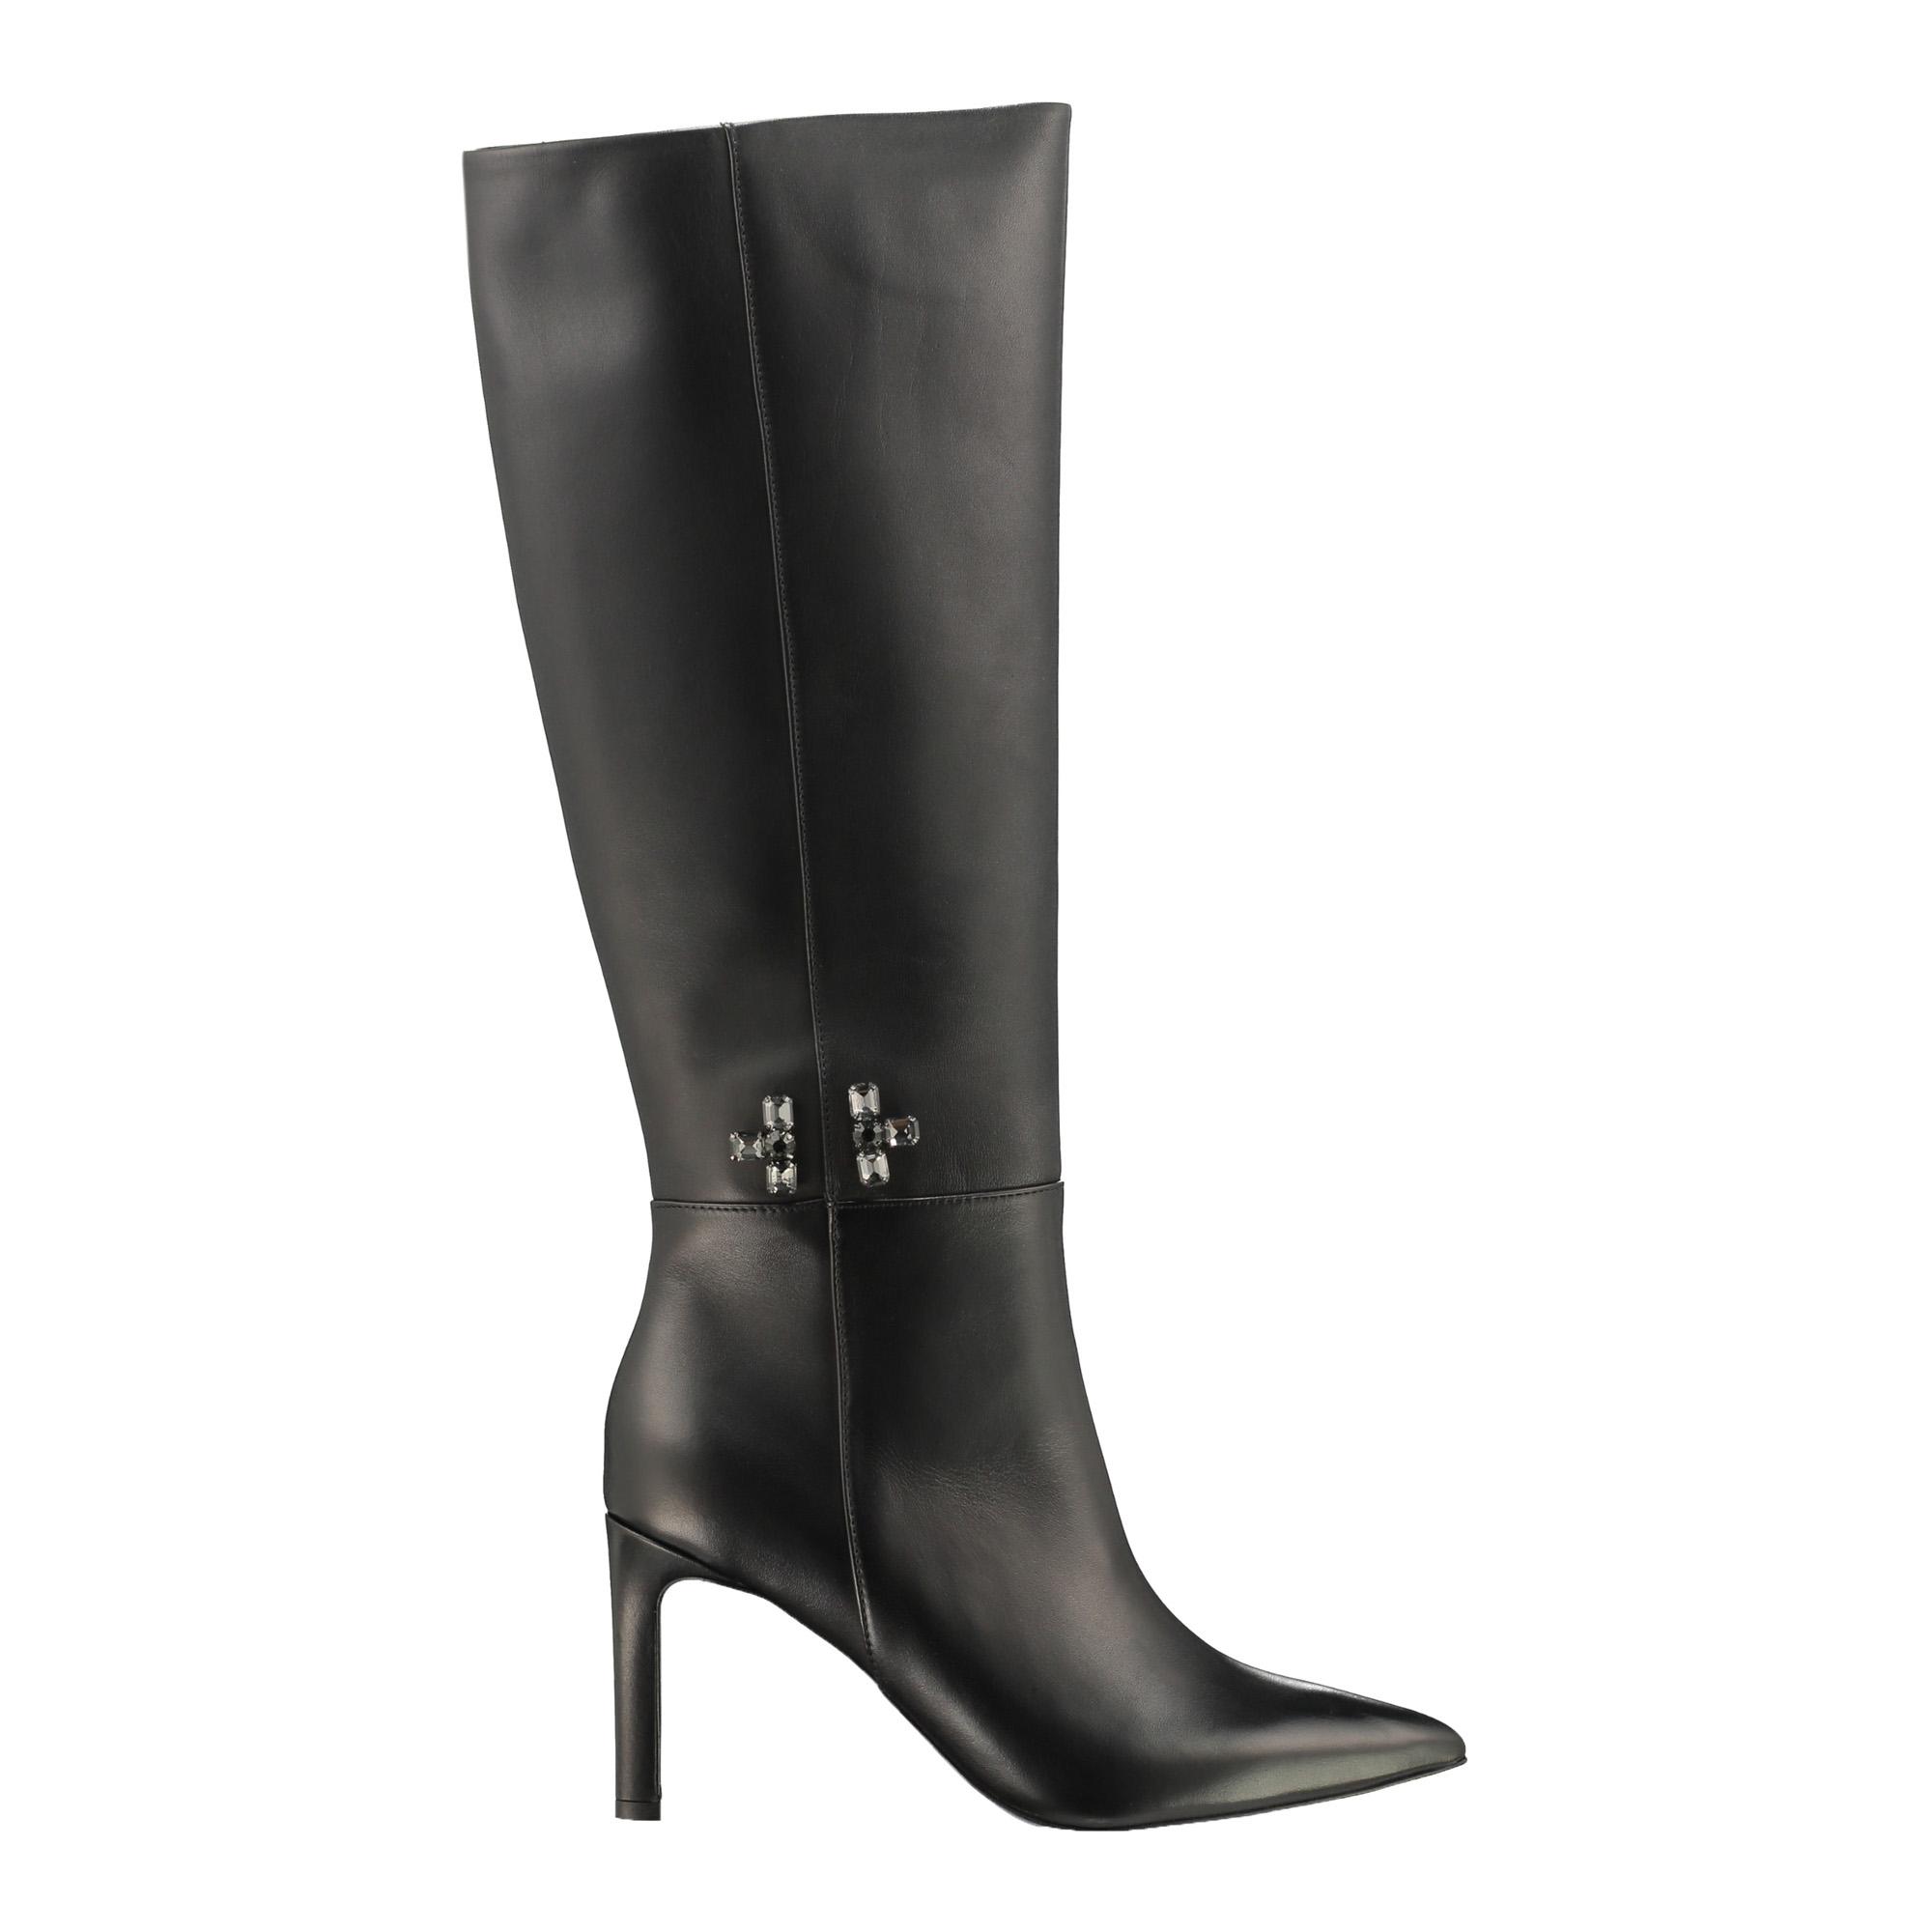 63c36ddc8 Saapad - Saapad - Naiste jalatsid - Jalatsid